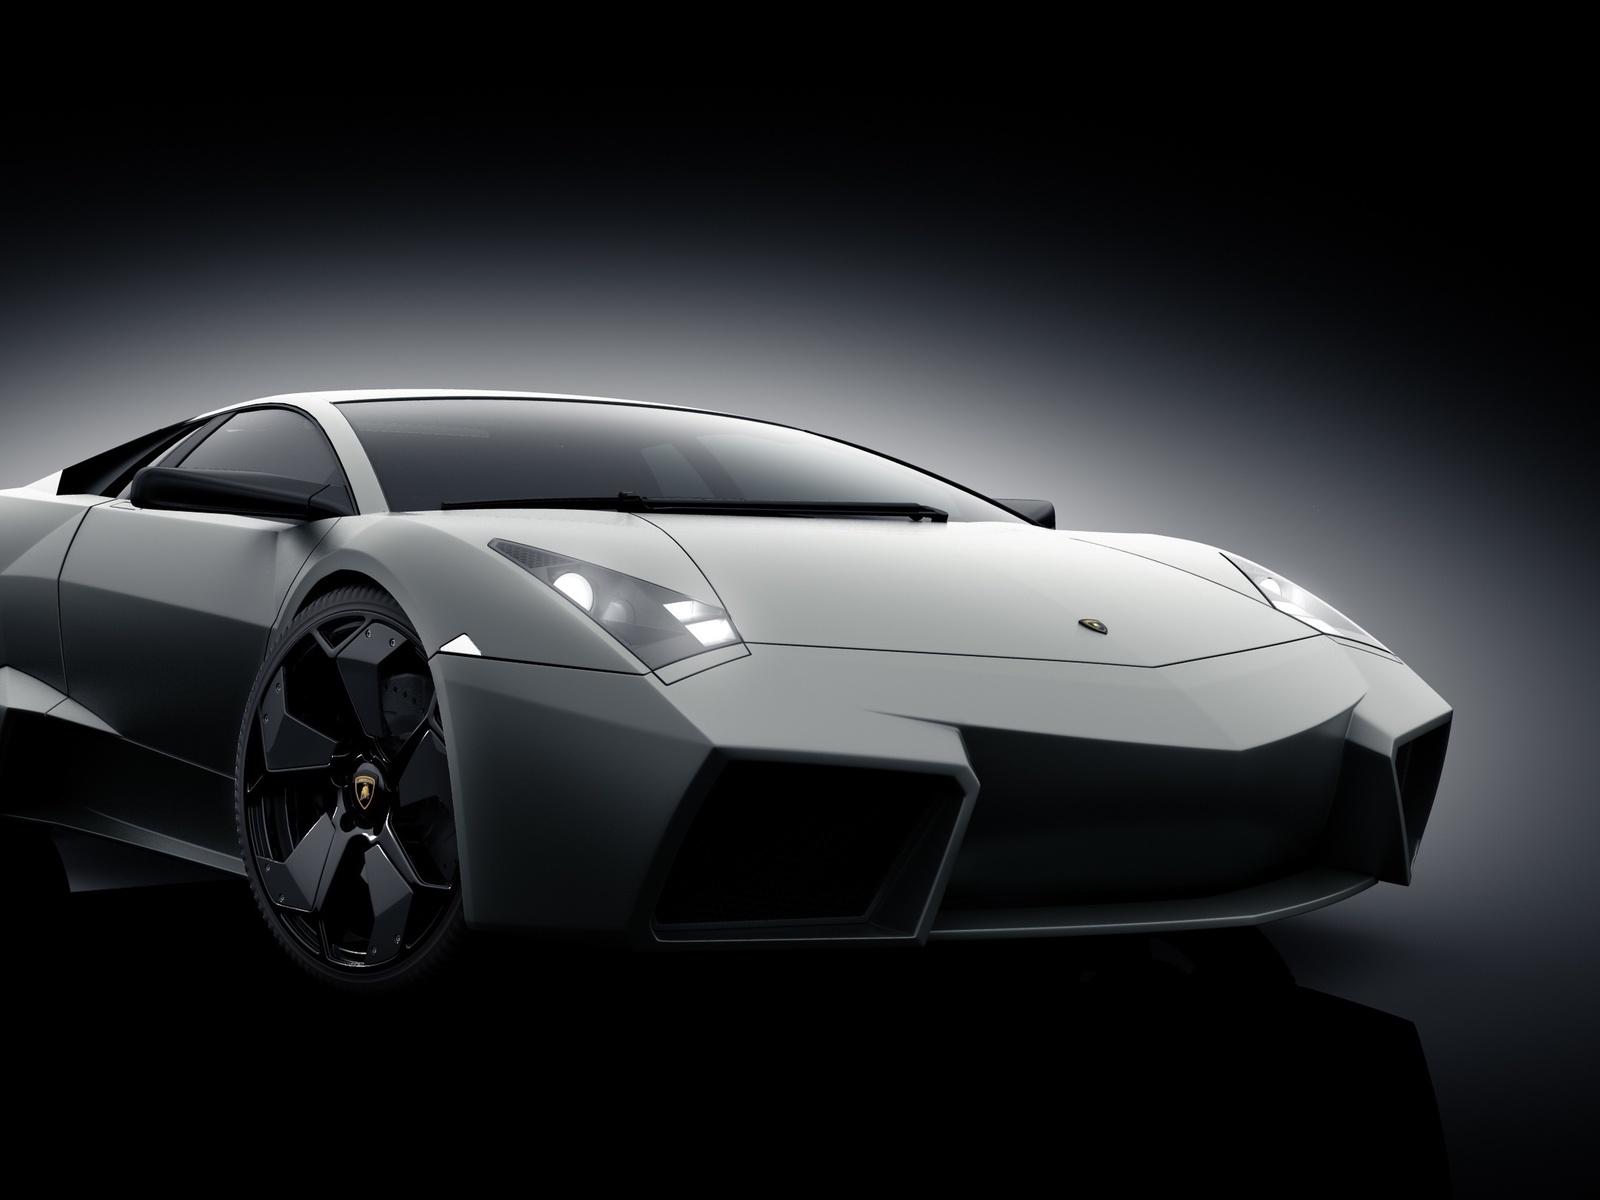 fotografia de autos lujosos